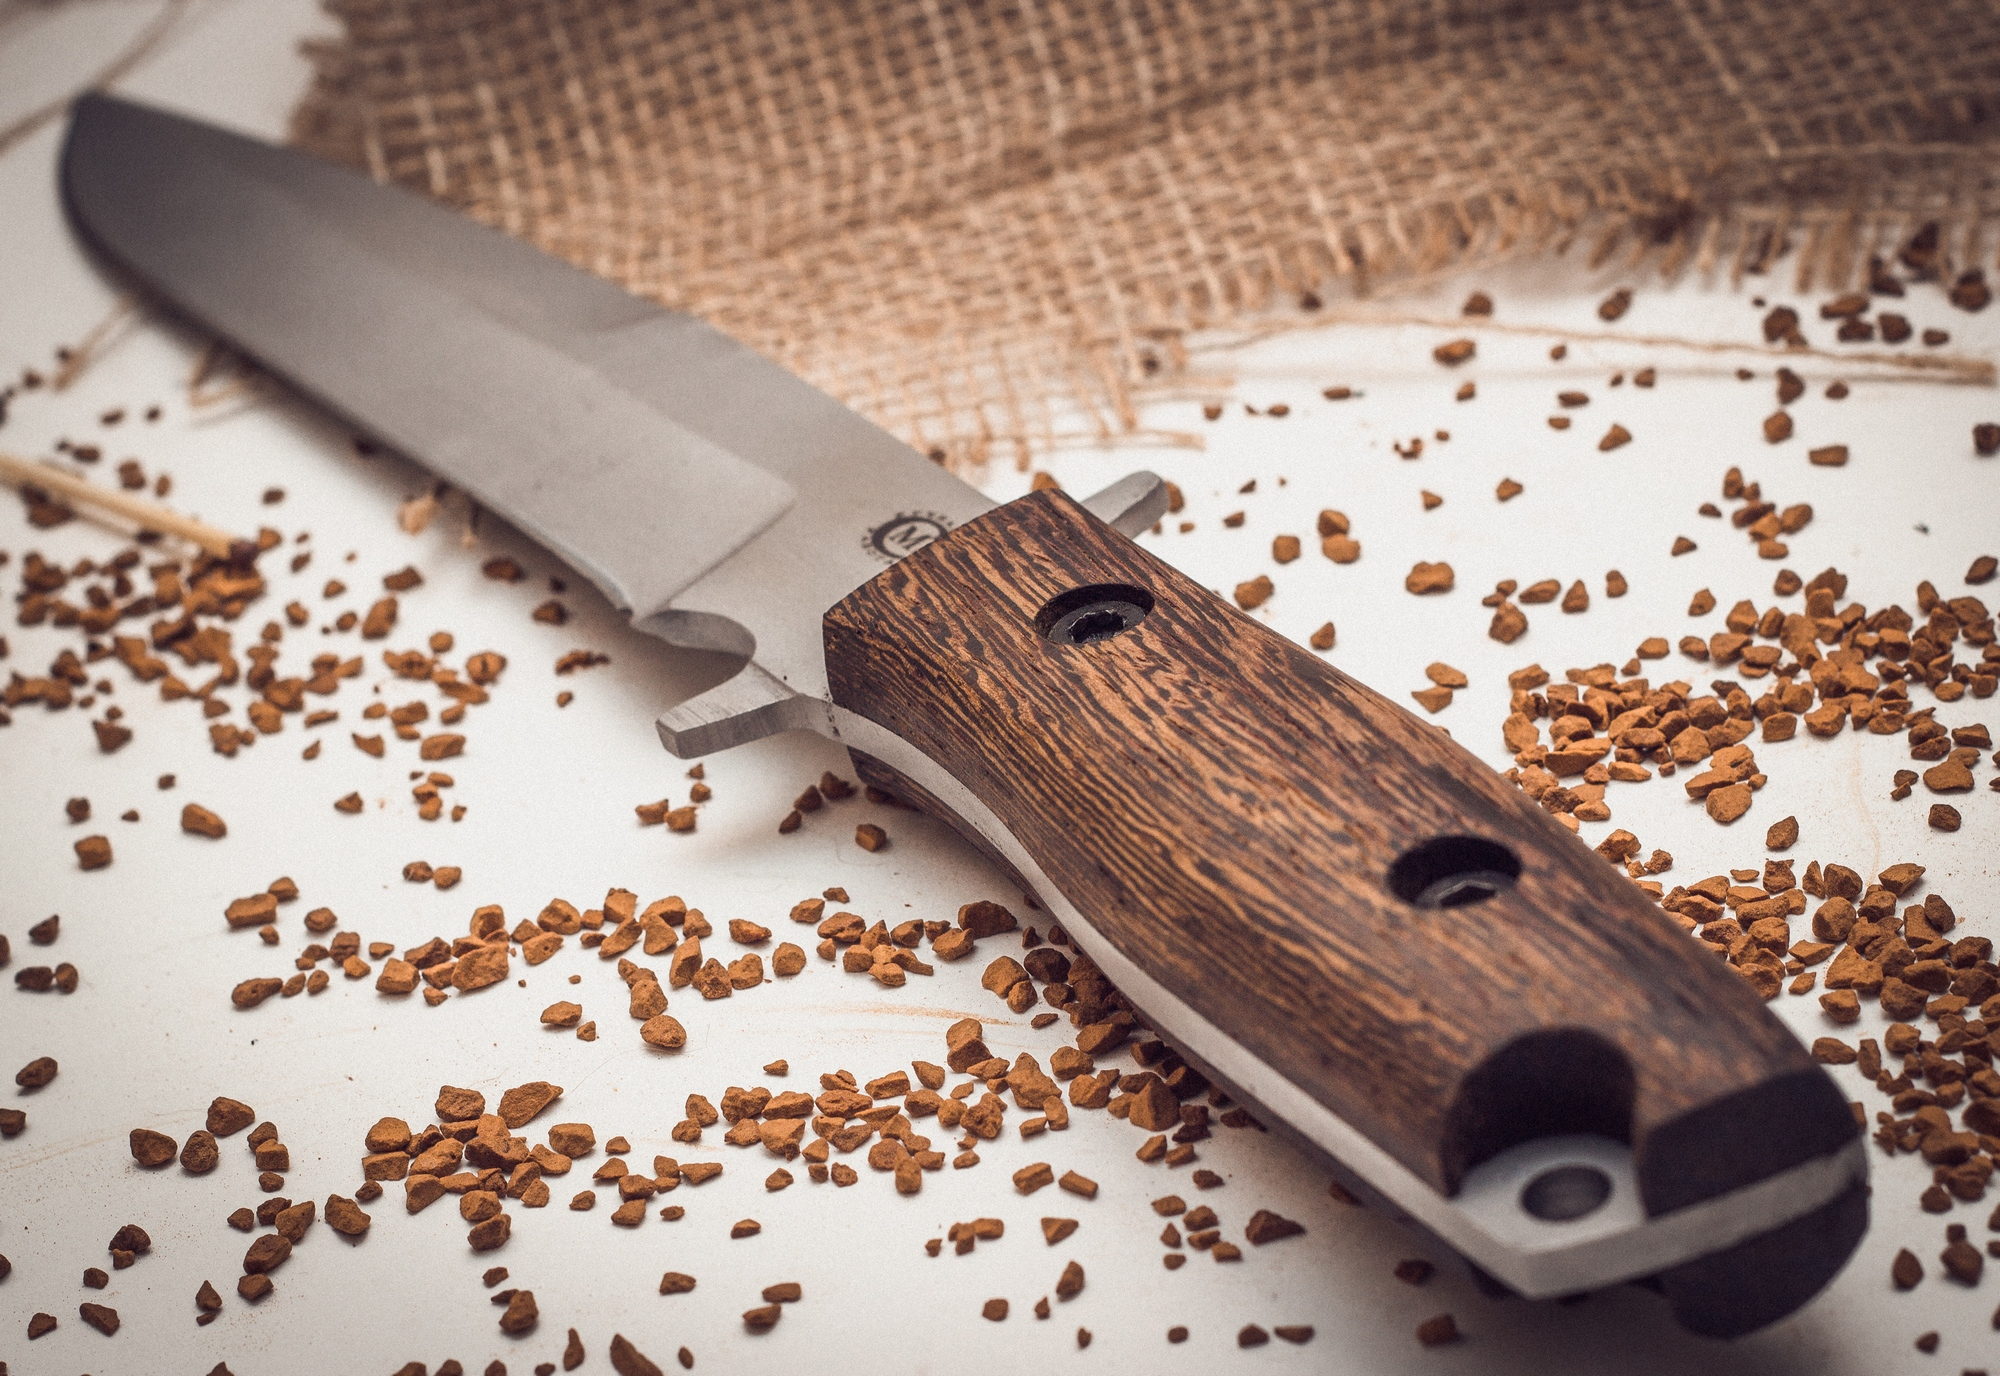 Фото 7 - Нож Командор с отверстием для темляка от Кузница Семина